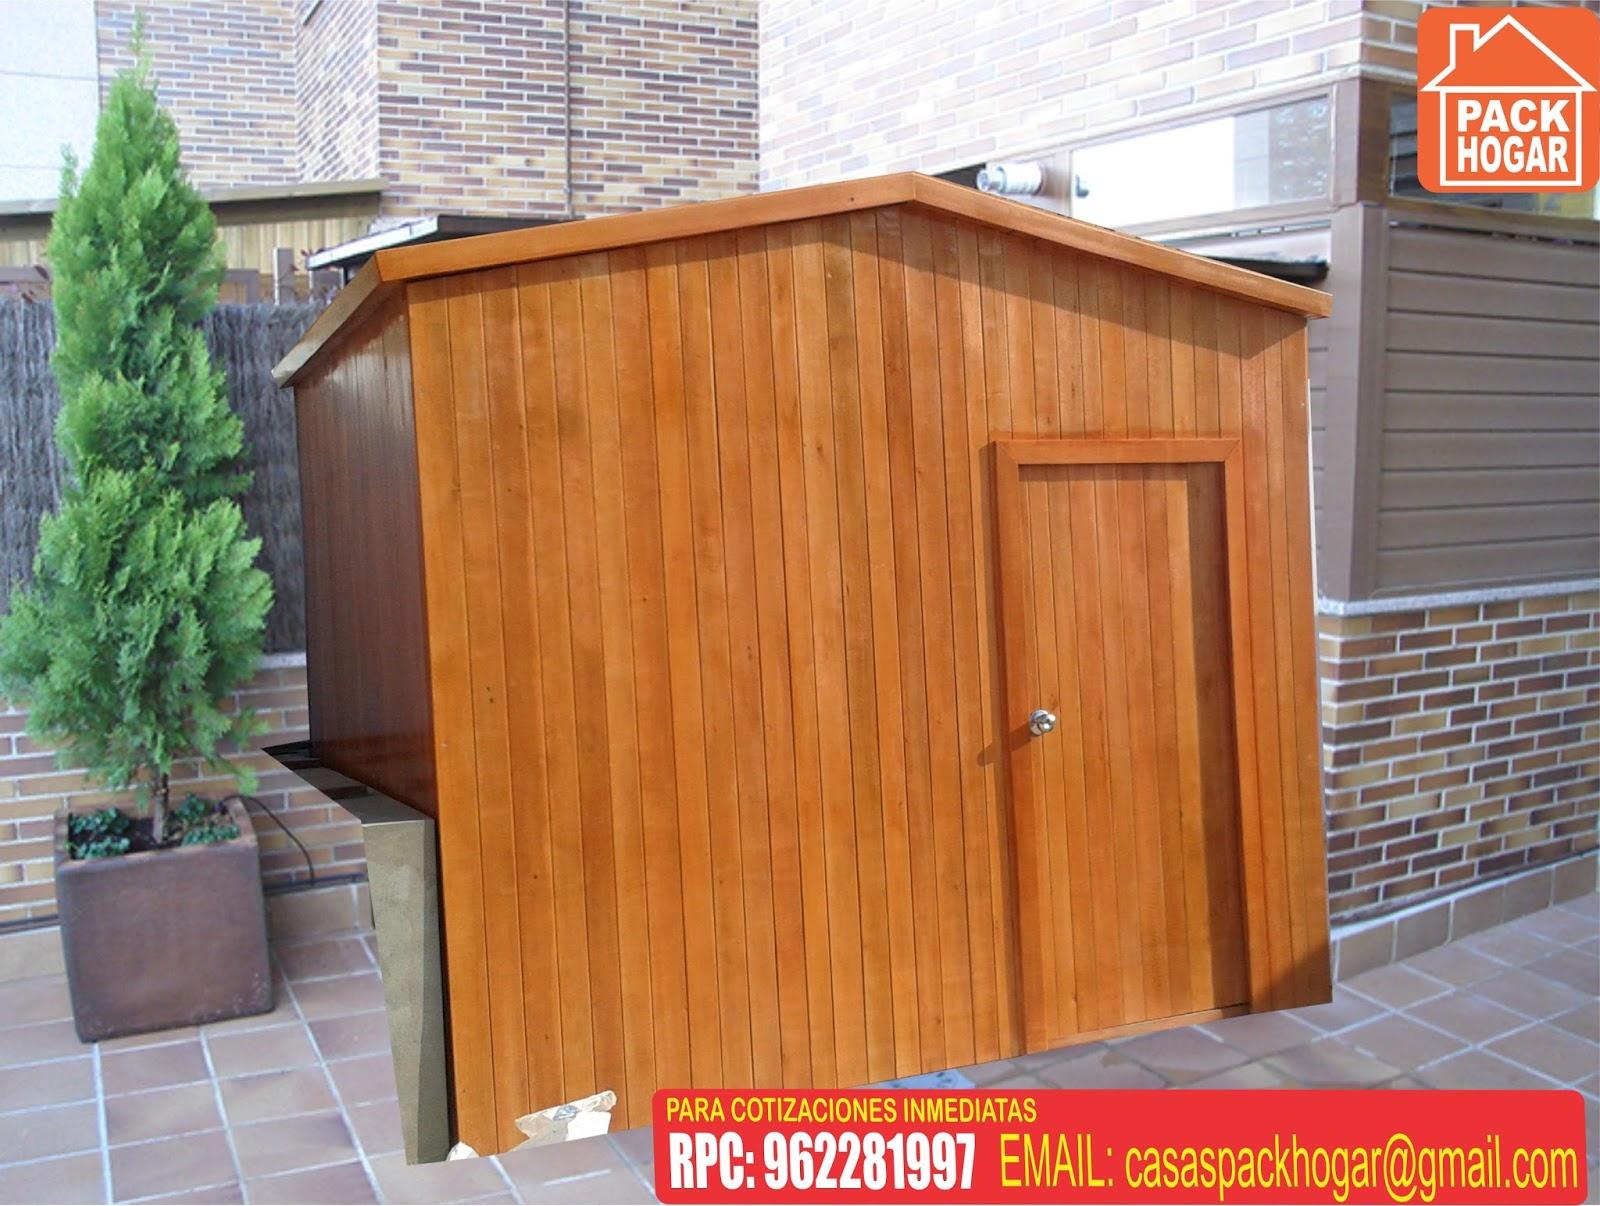 Casetas prefabricadas para terrazas packhogar - Casetas prefabricadas jardin ...